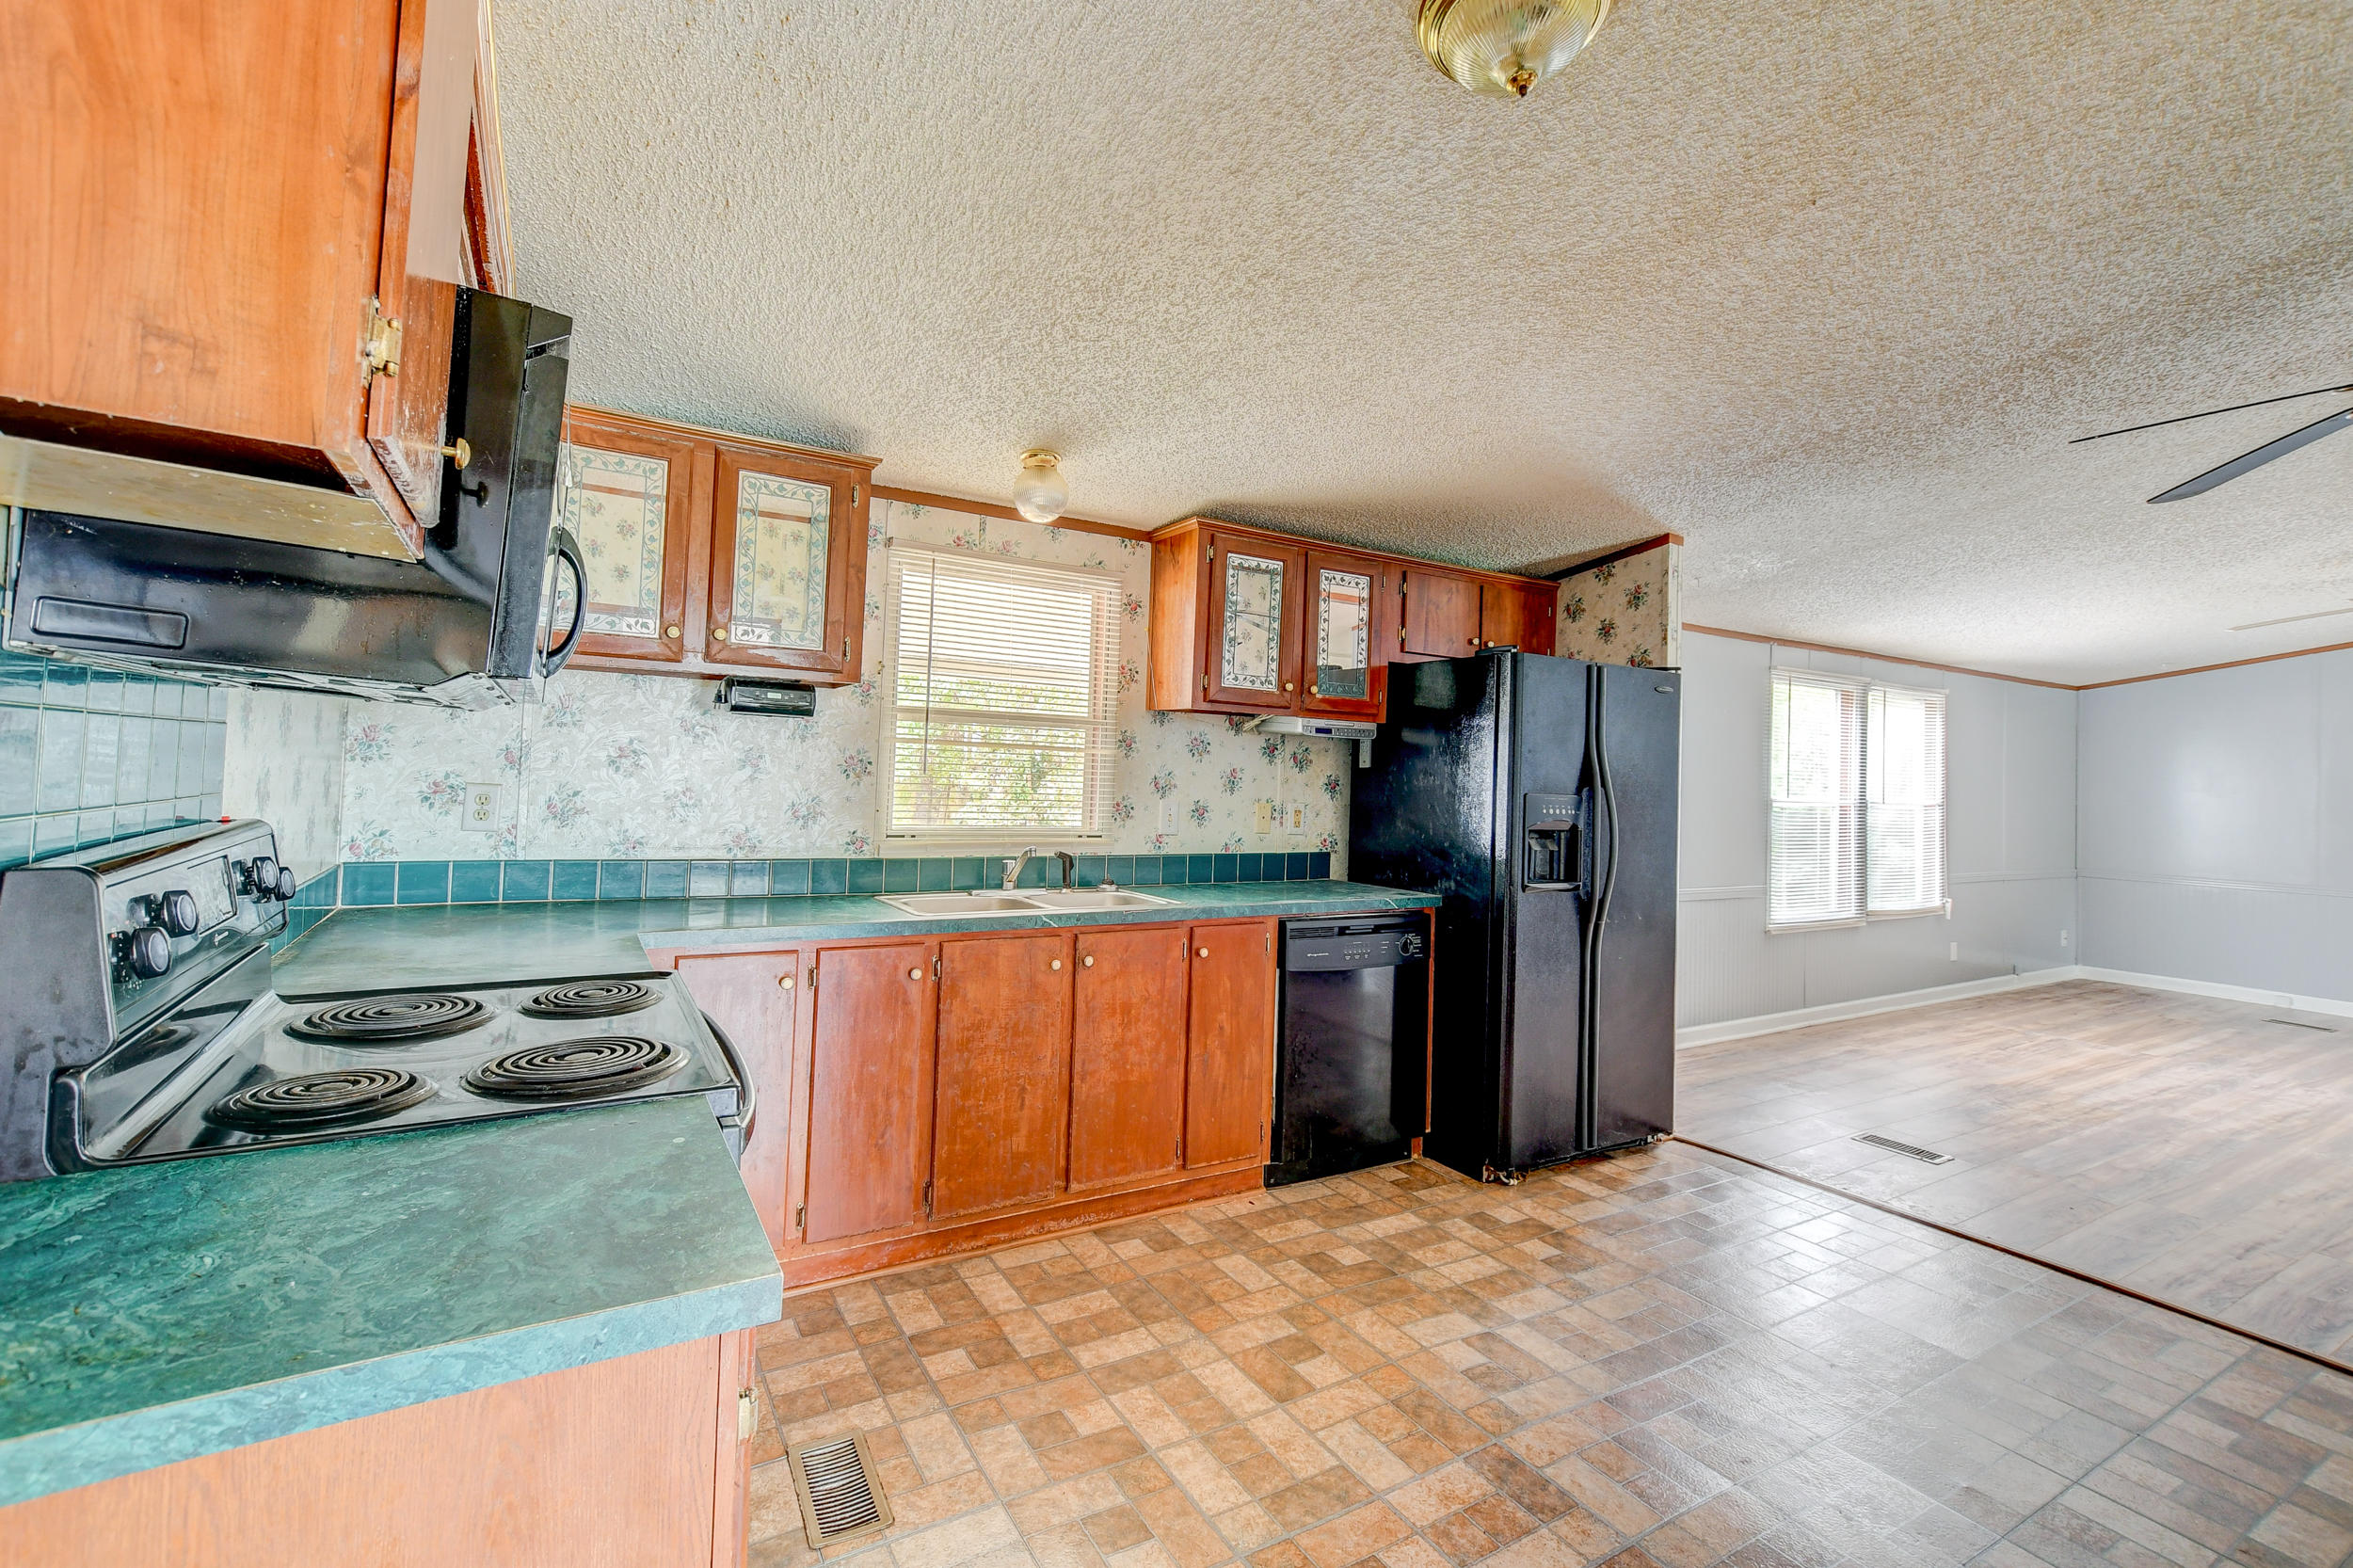 Clemson Terrace Homes For Sale - 123 Colkitt, Summerville, SC - 1